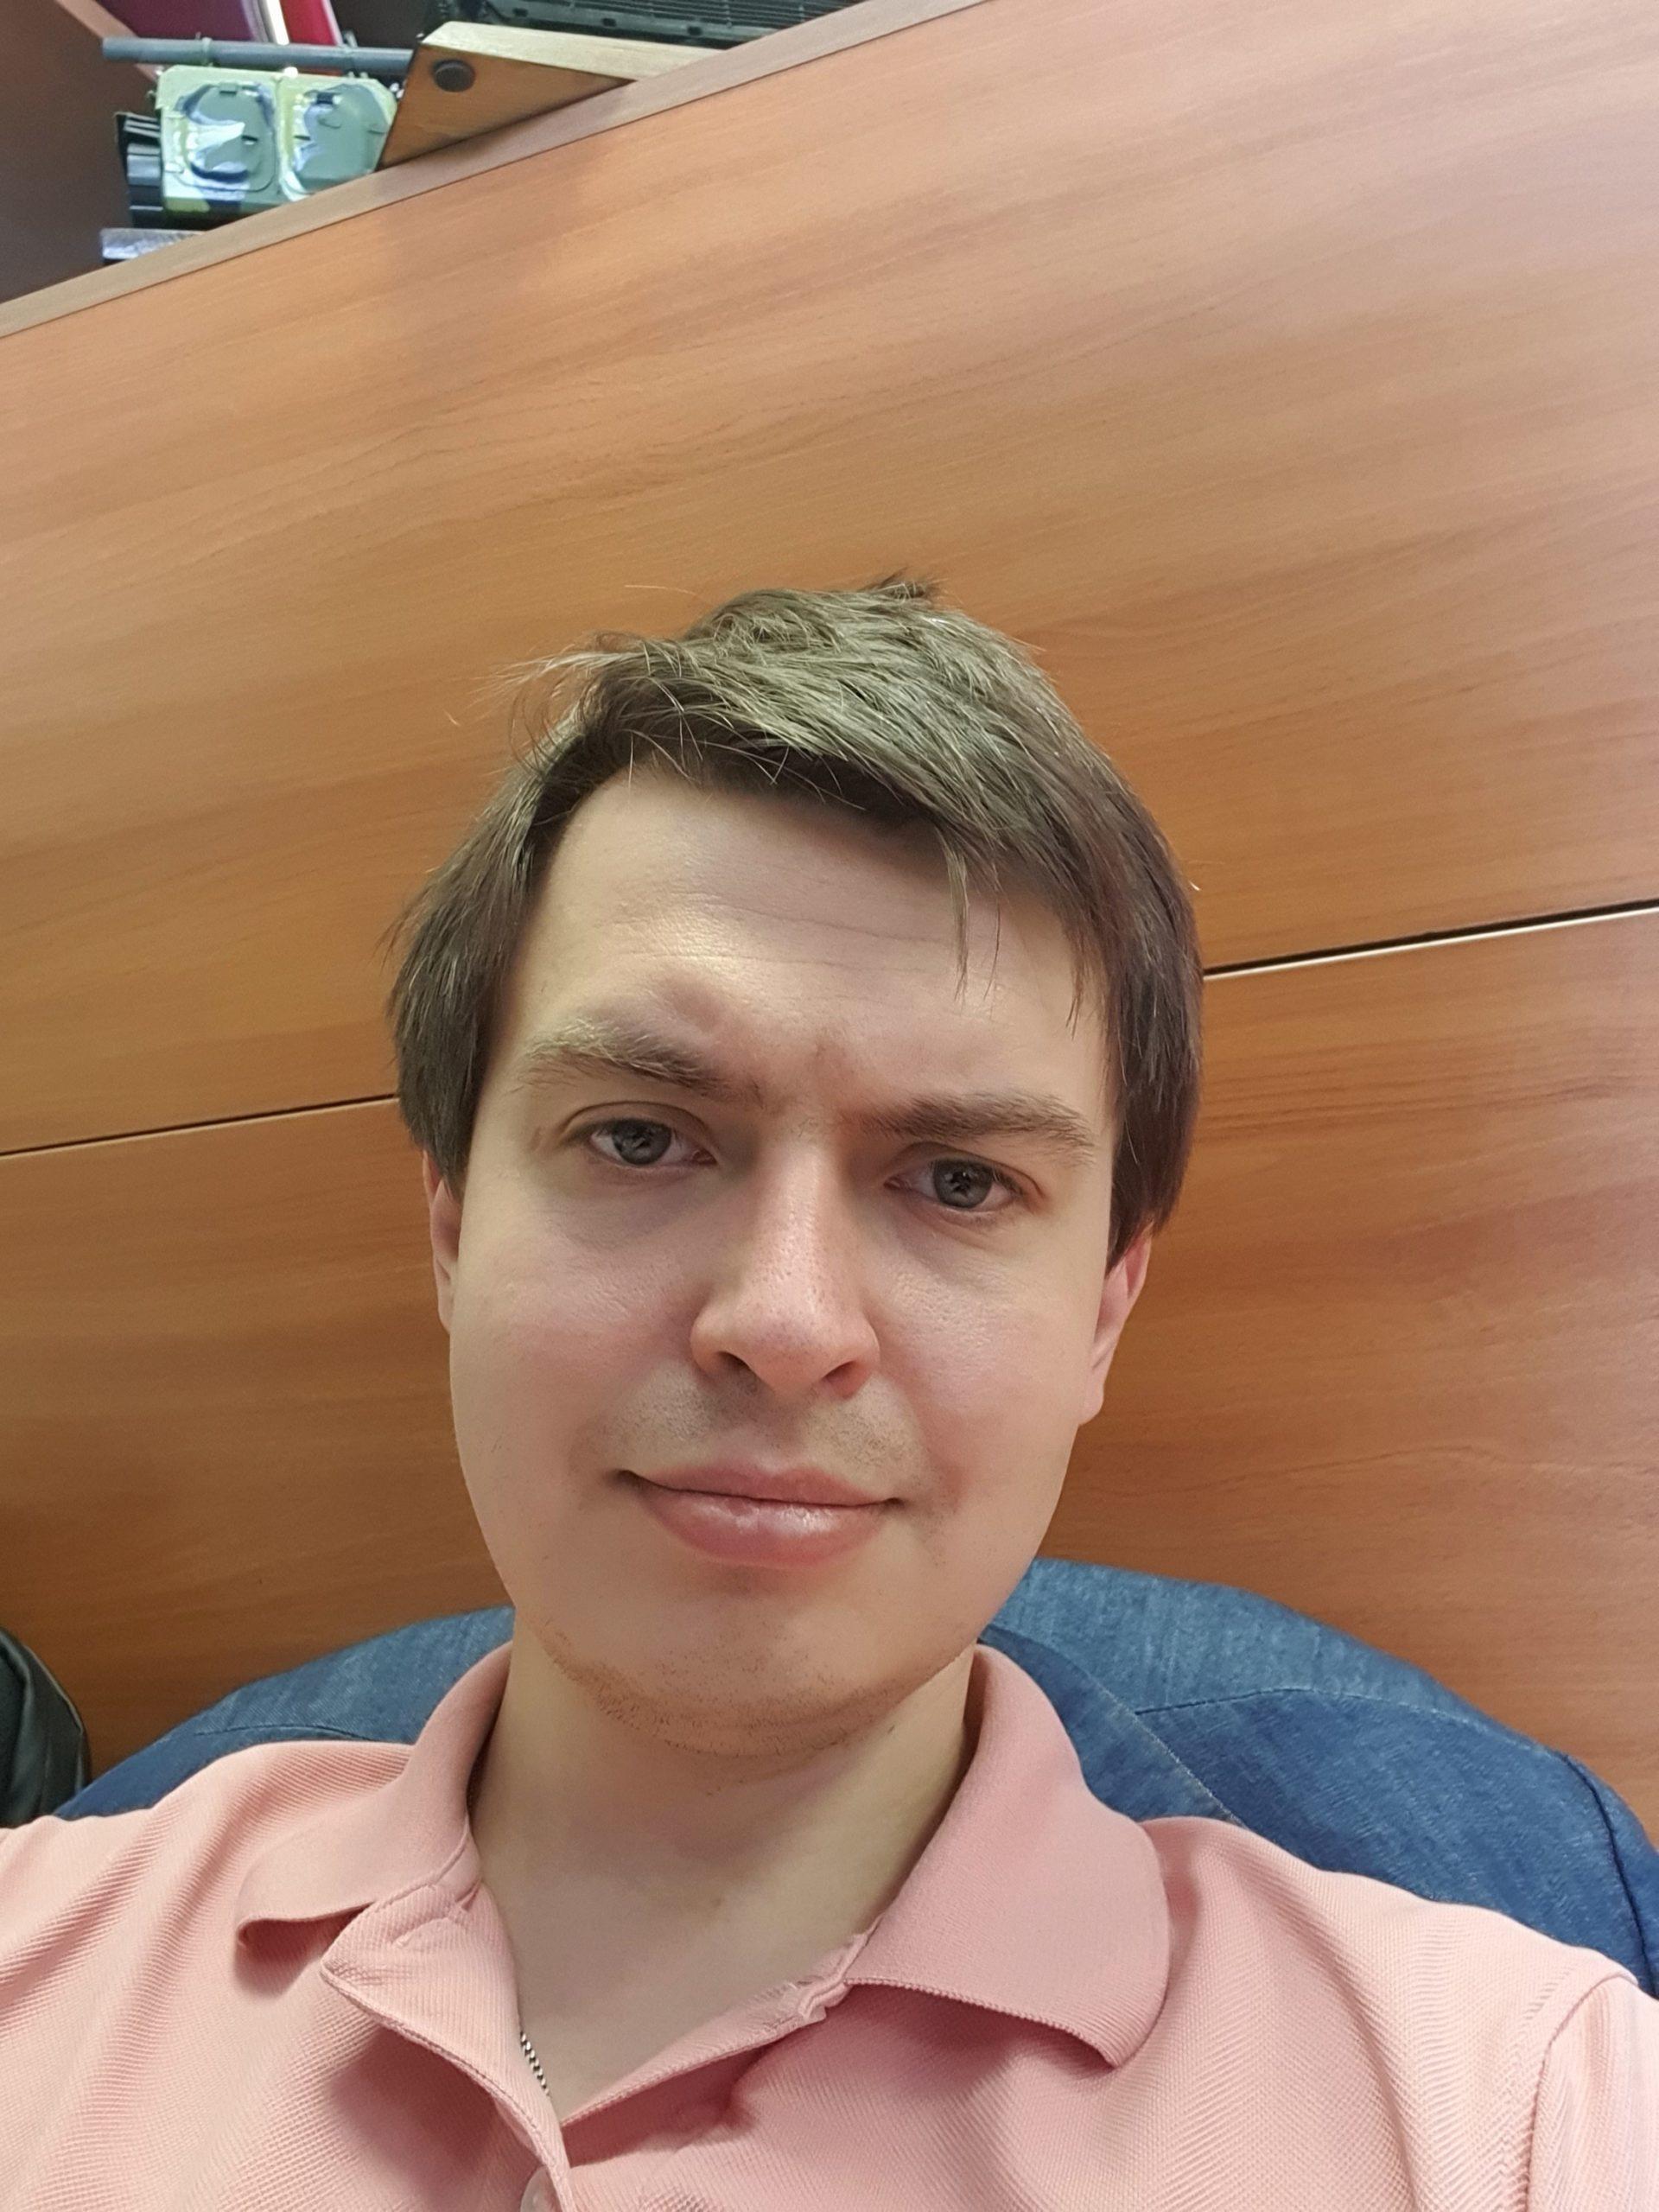 Yanyshev